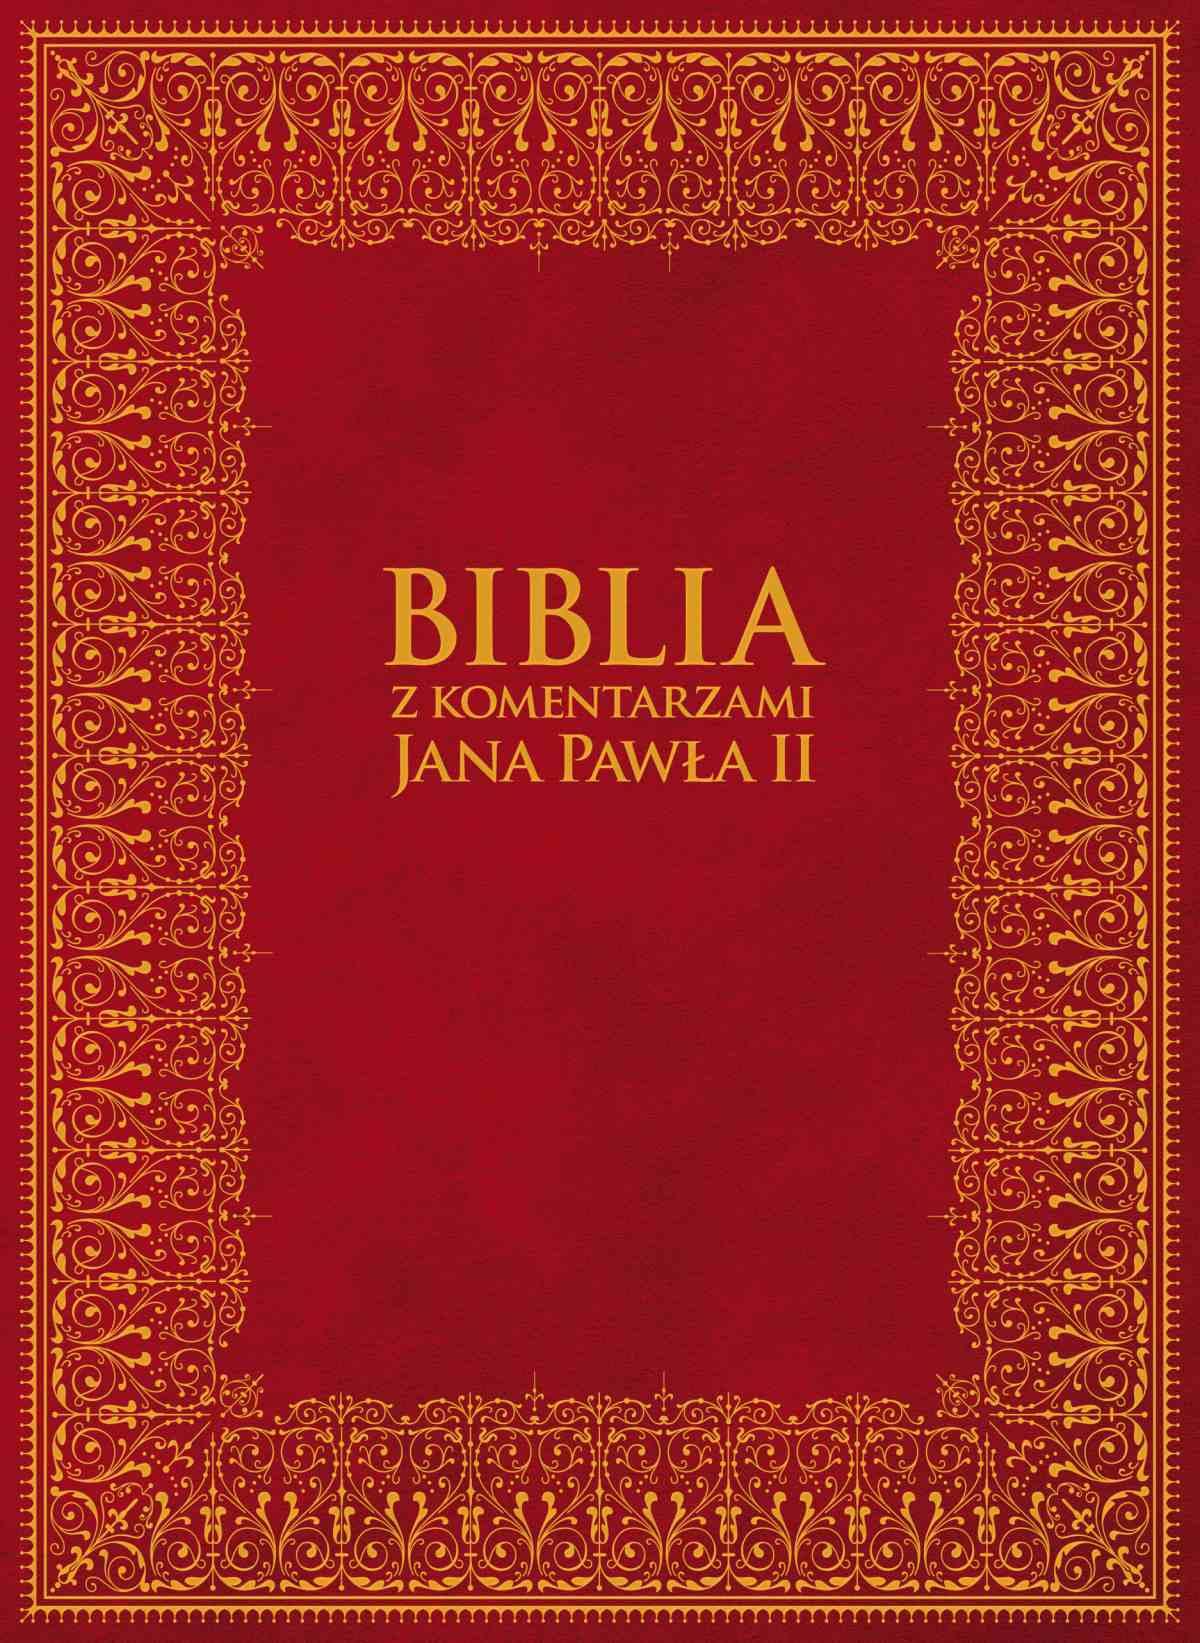 Biblia z Komentarzami Jana Pawła II - Ebook (Książka na Kindle) do pobrania w formacie MOBI